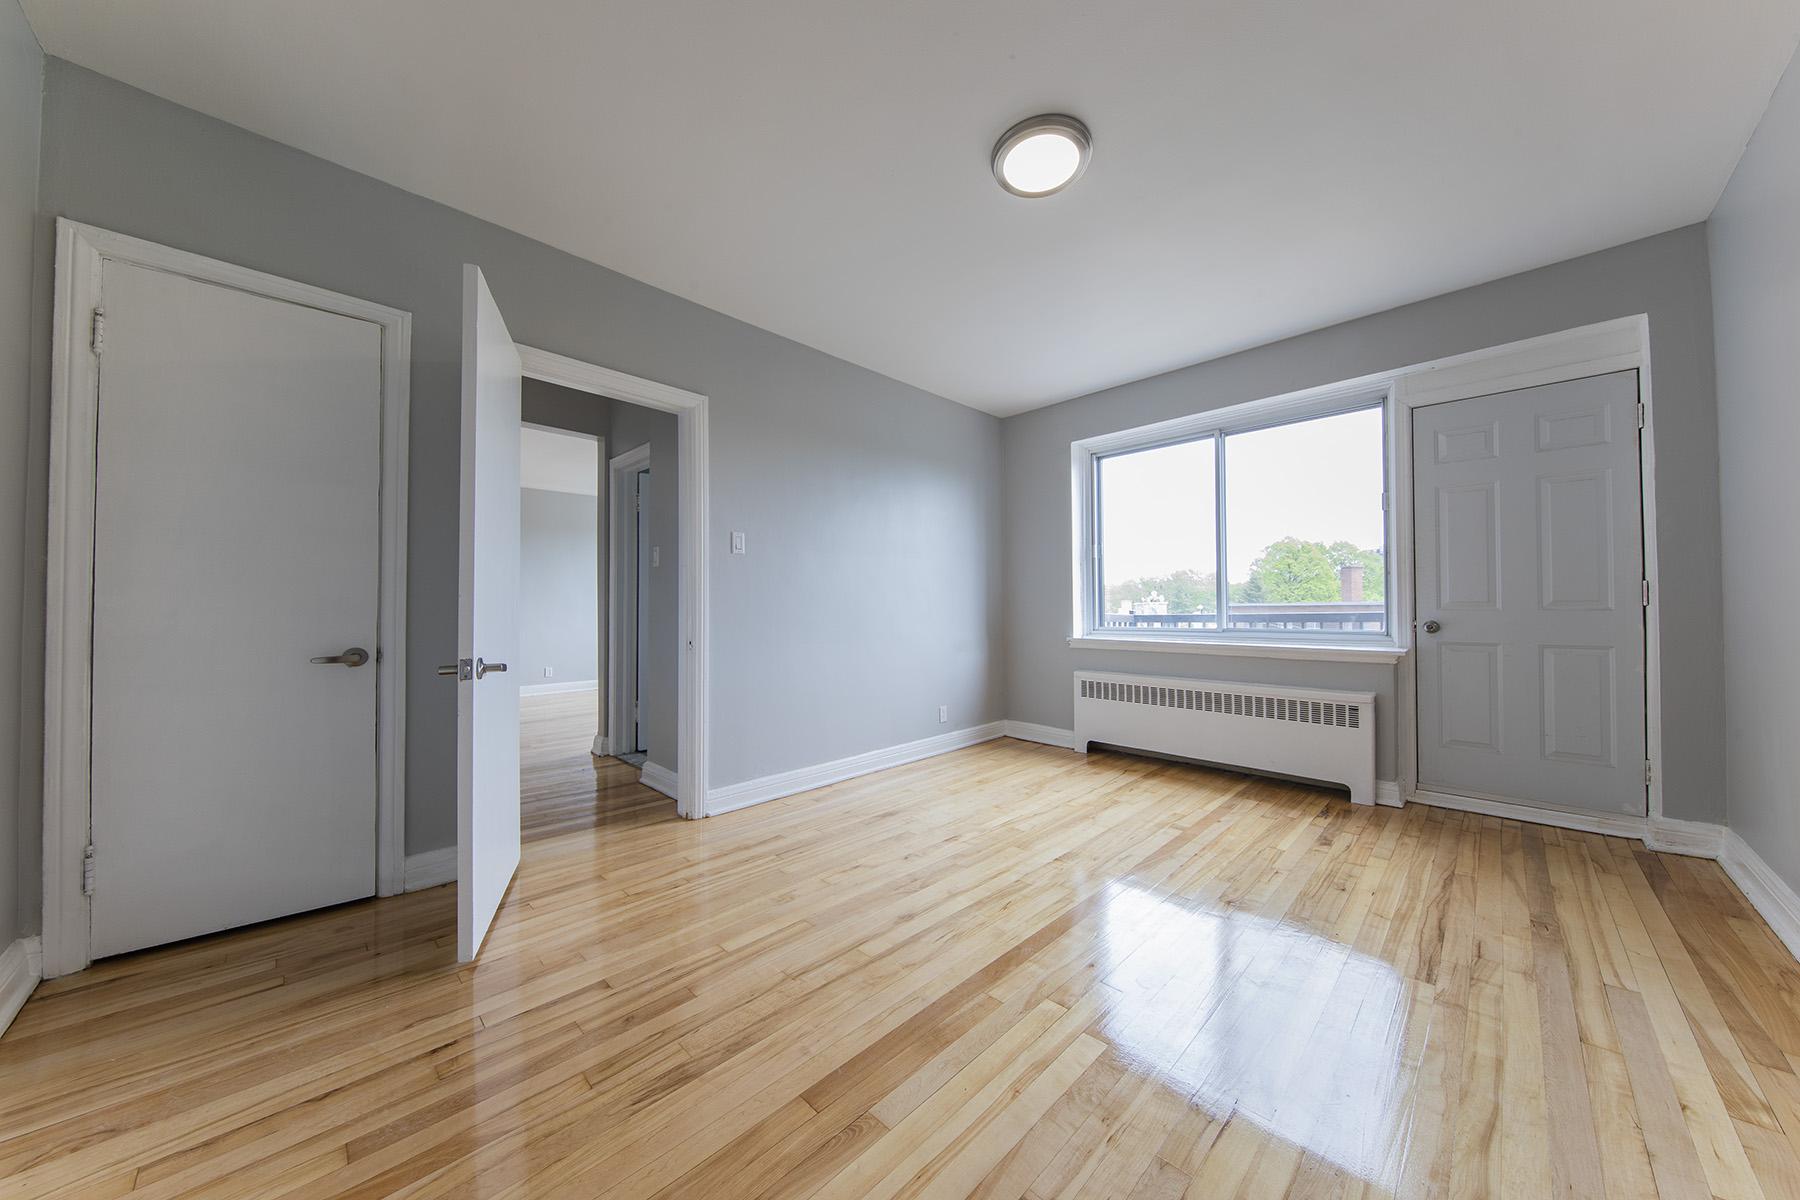 Appartement Studio / Bachelor a louer à Notre-Dame-de-Grâce a 6325 Somerled - Photo 01 - TrouveUnAppart – L401539